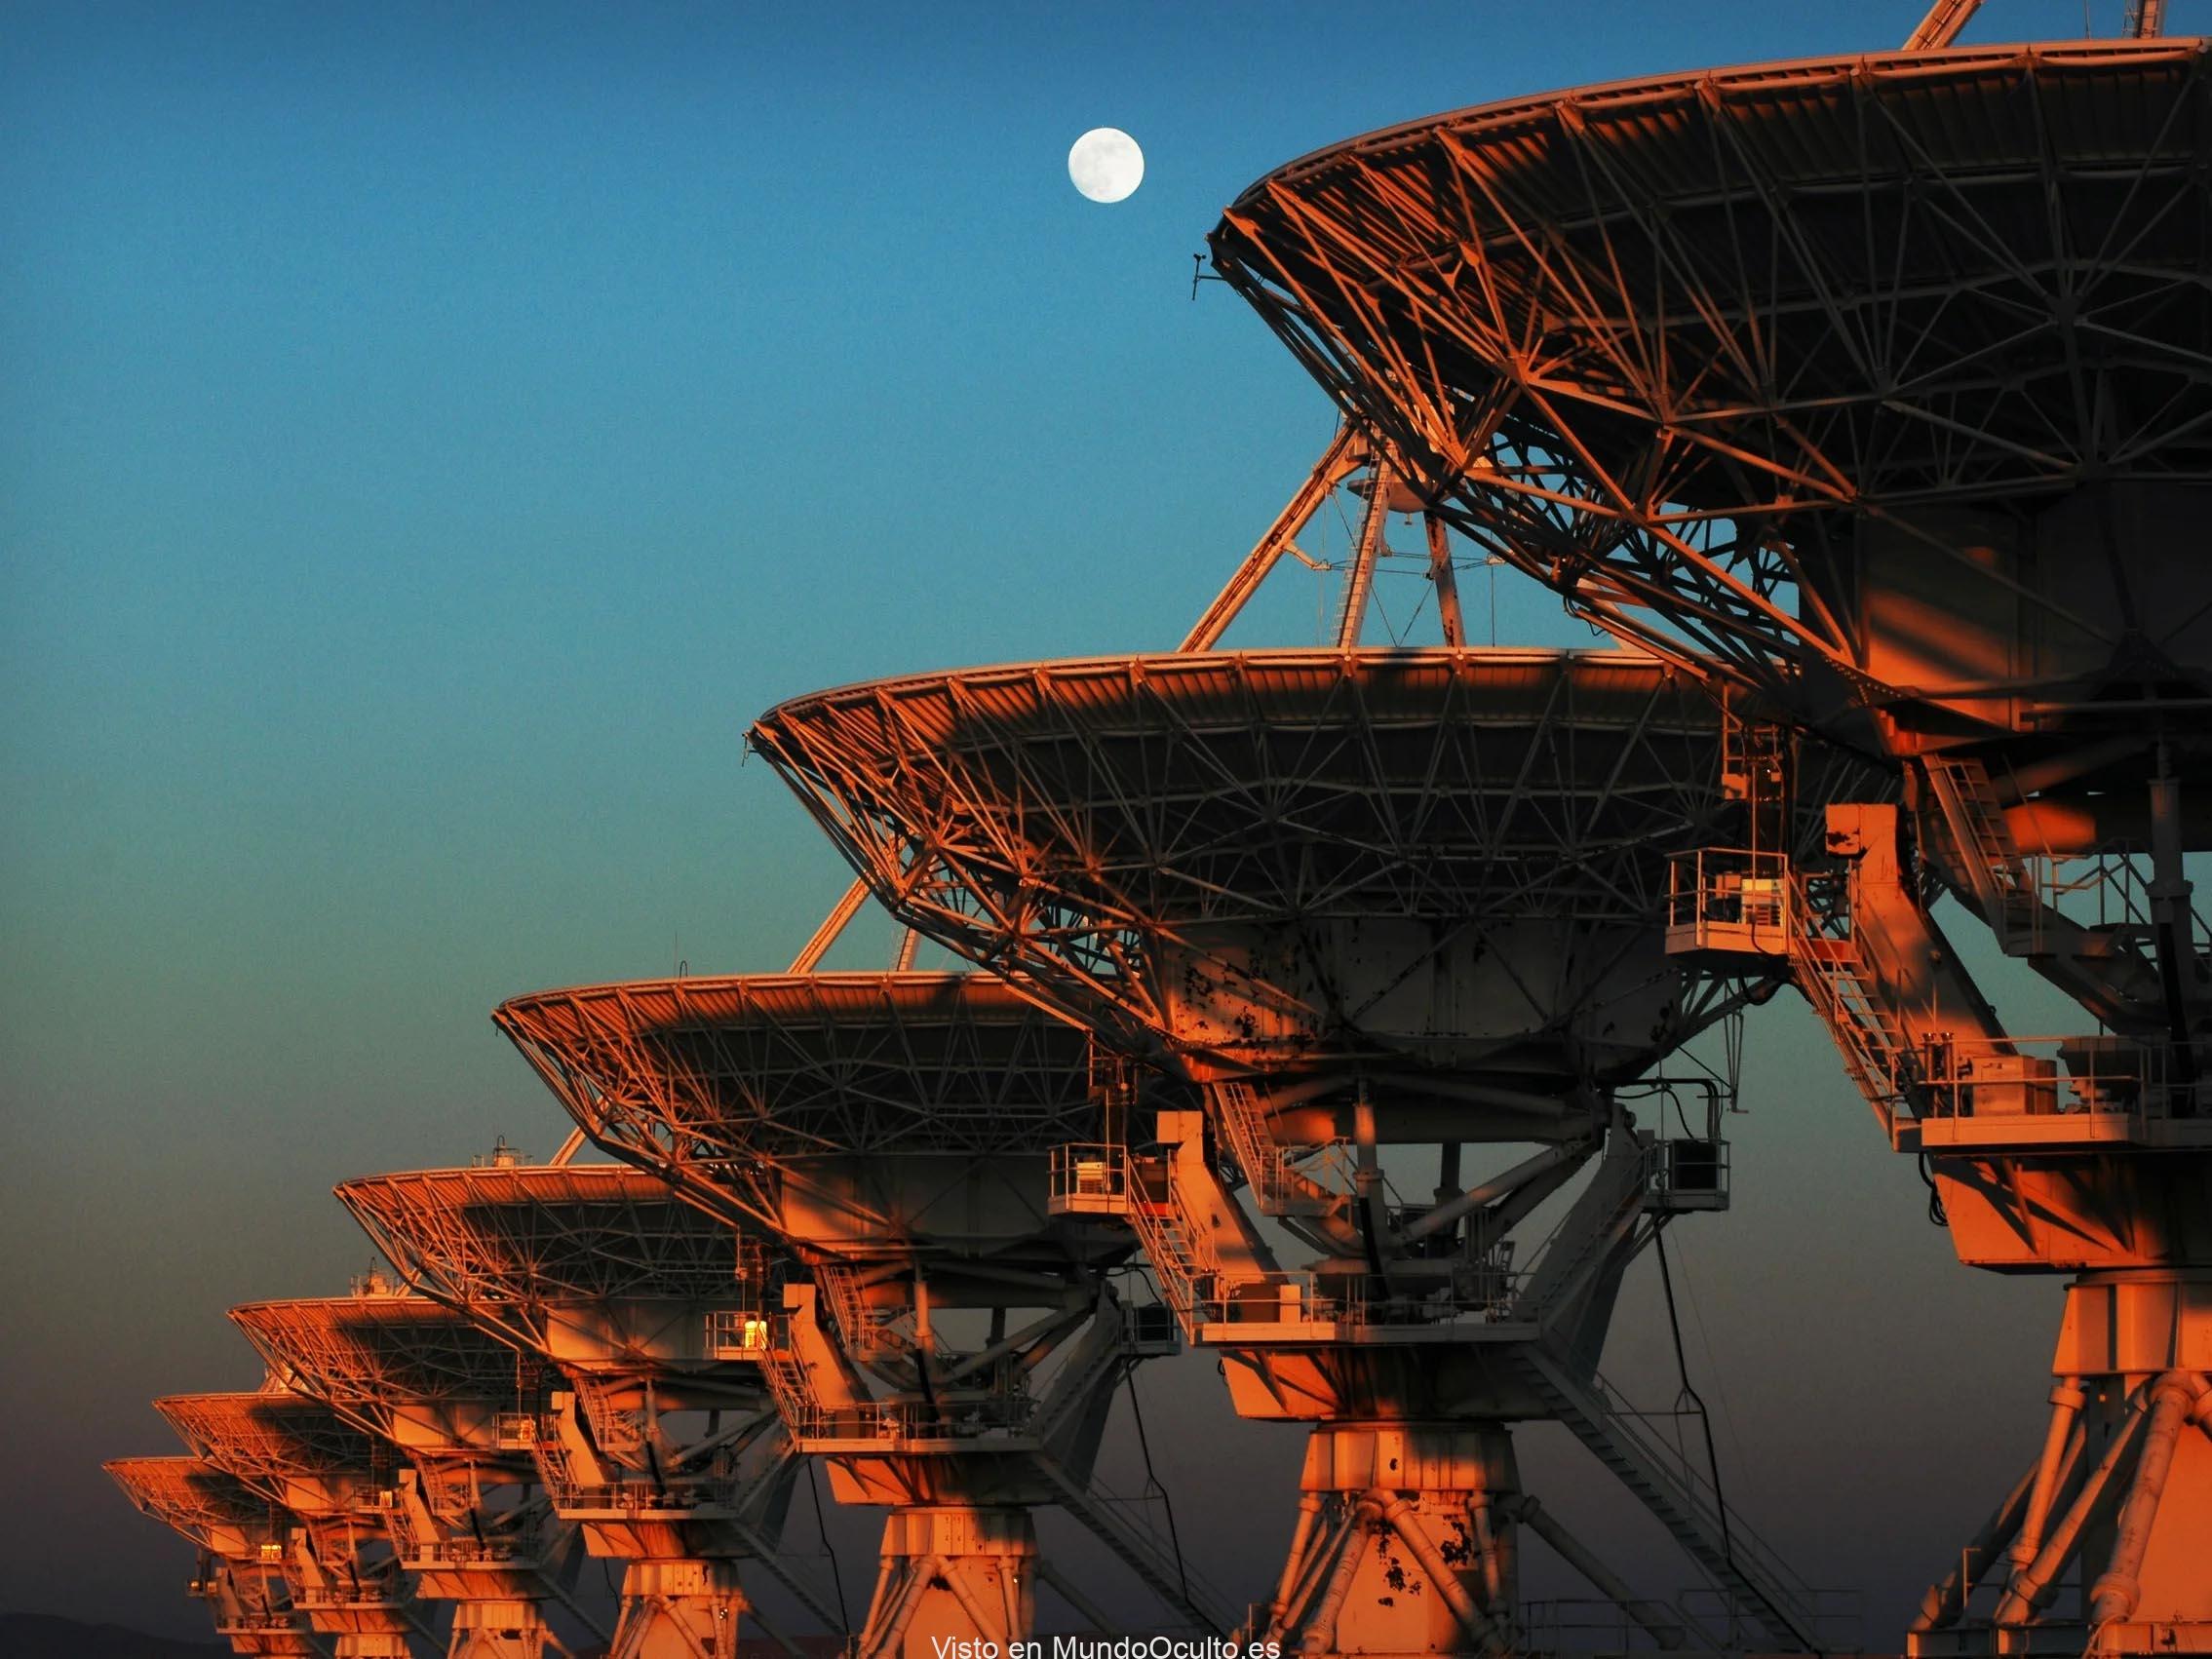 Se detectan casi 27 millones de indicios de una civilización inteligente